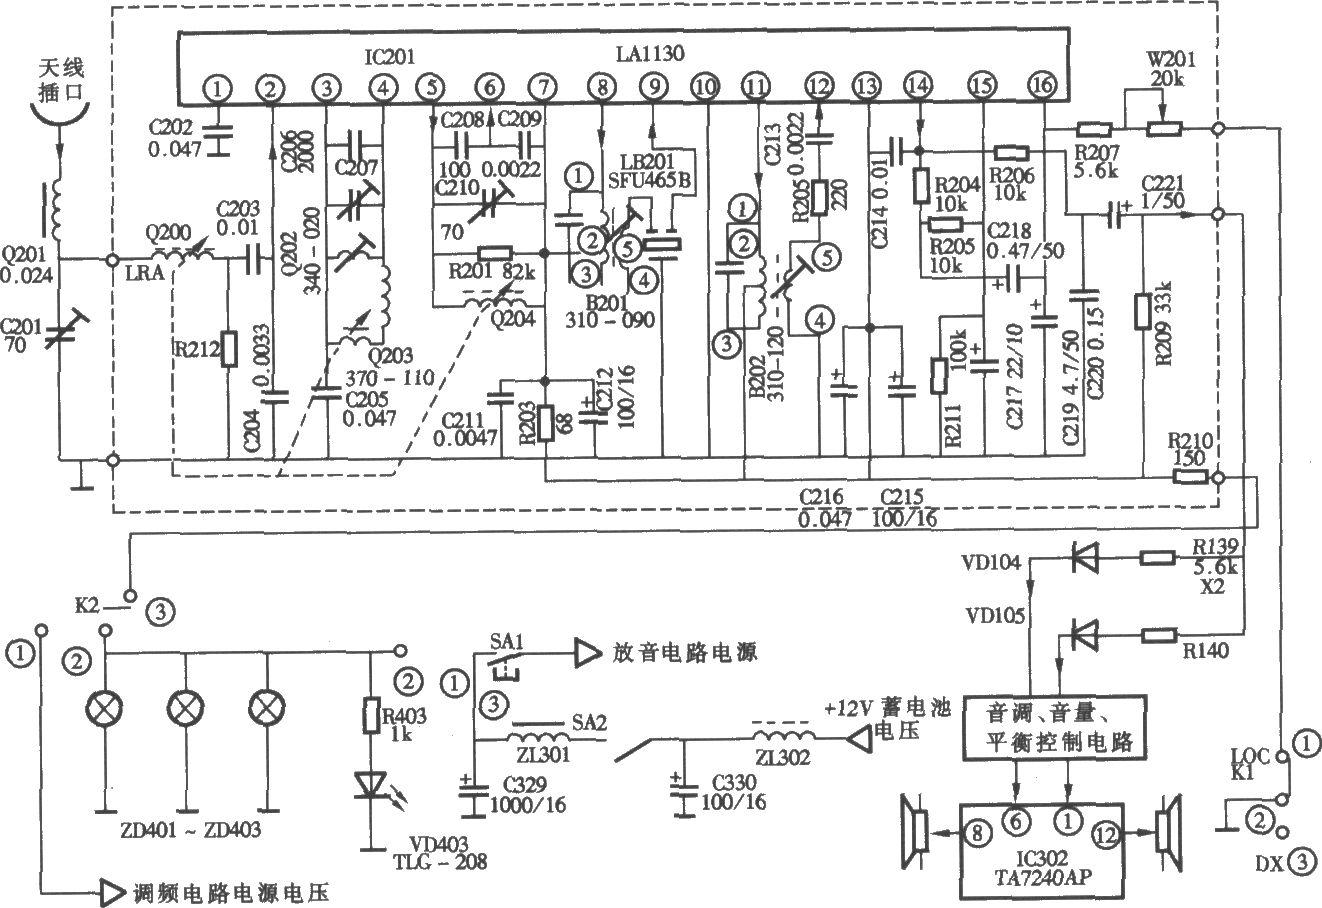 桑塔纳轿车配置凯歌牌4820c型汽车音响调幅收音电路